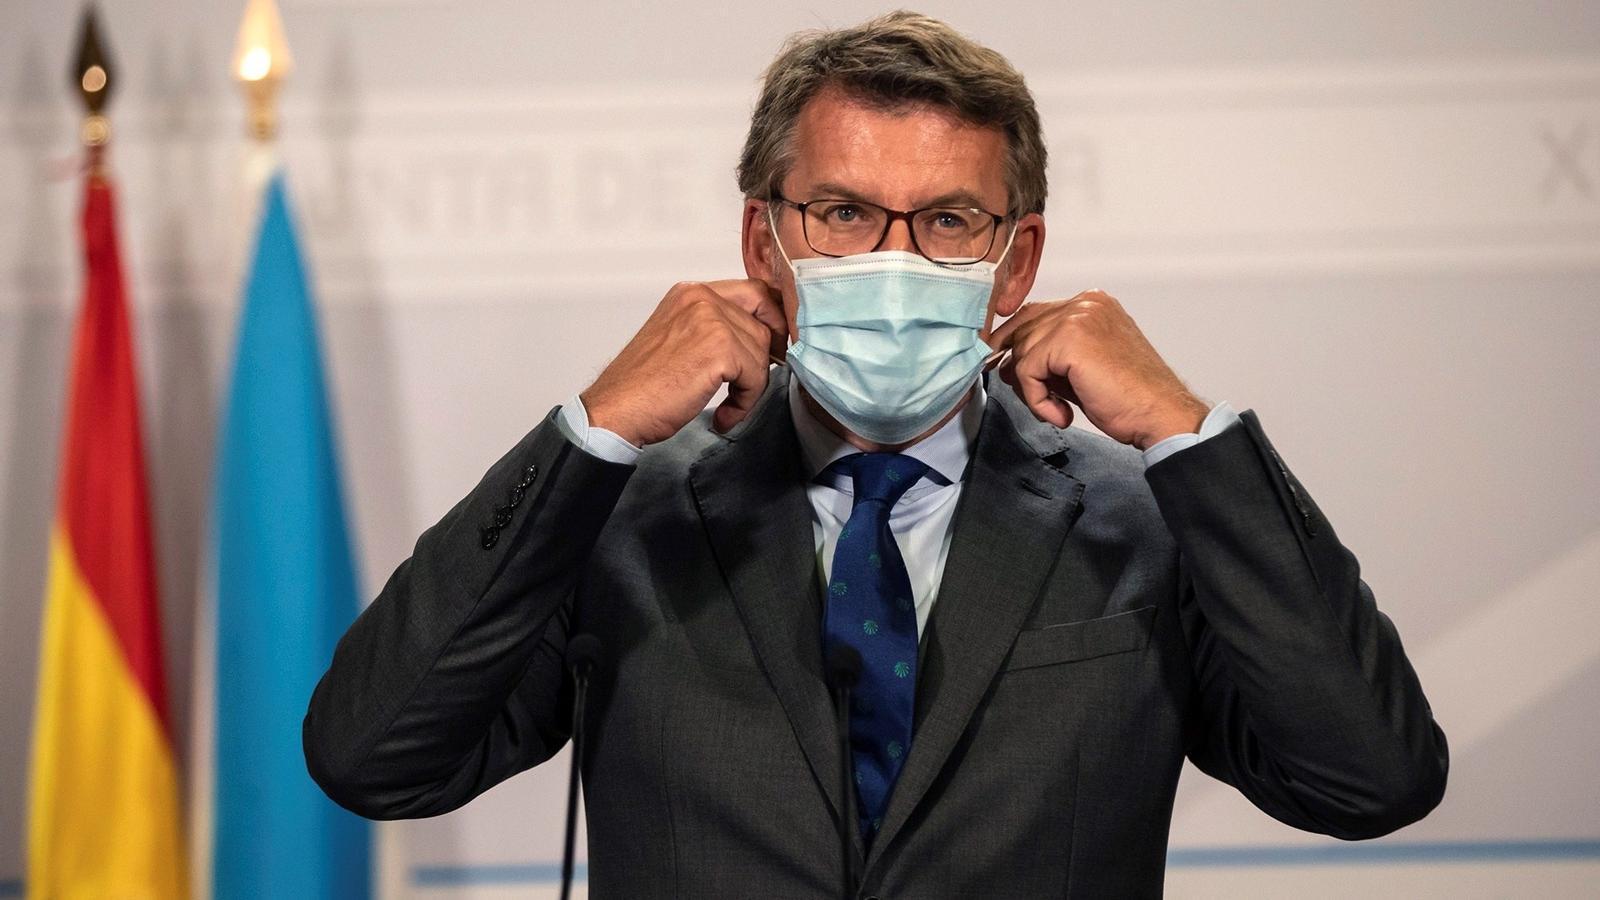 El president gallec, Alberto Nuñez Feijó, durant la compareixença en la que ha anunciat que aposta per prohibir fumar al carrer si no es manté la distància de seguretat